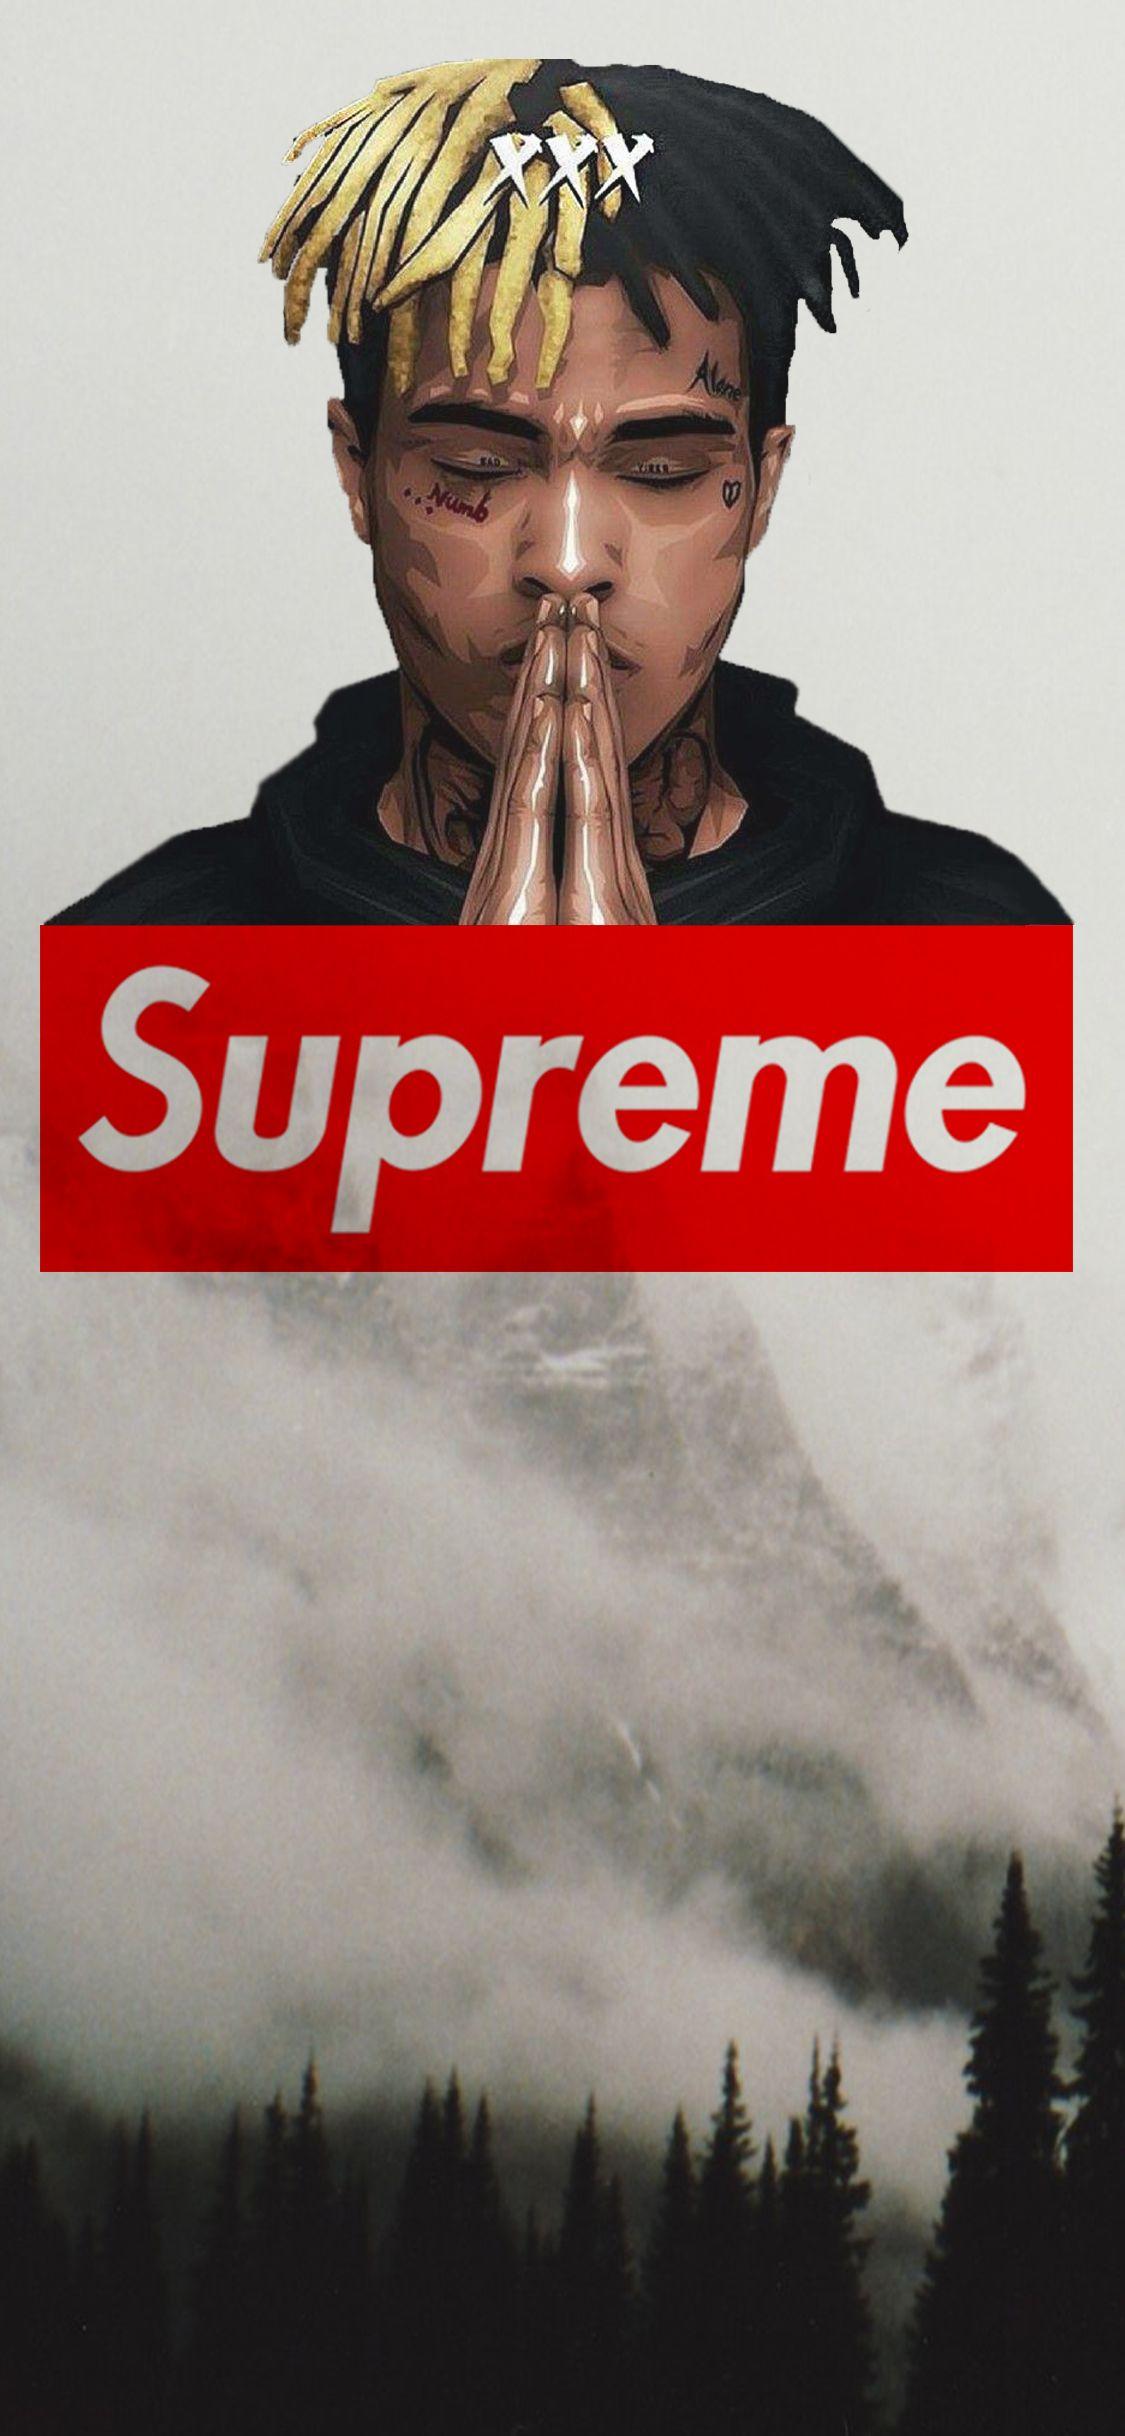 #Supreme #XXXTentacion #Cool | Wallpaper | Supreme wallpaper, Iphone wallpaper e Dope wallpapers